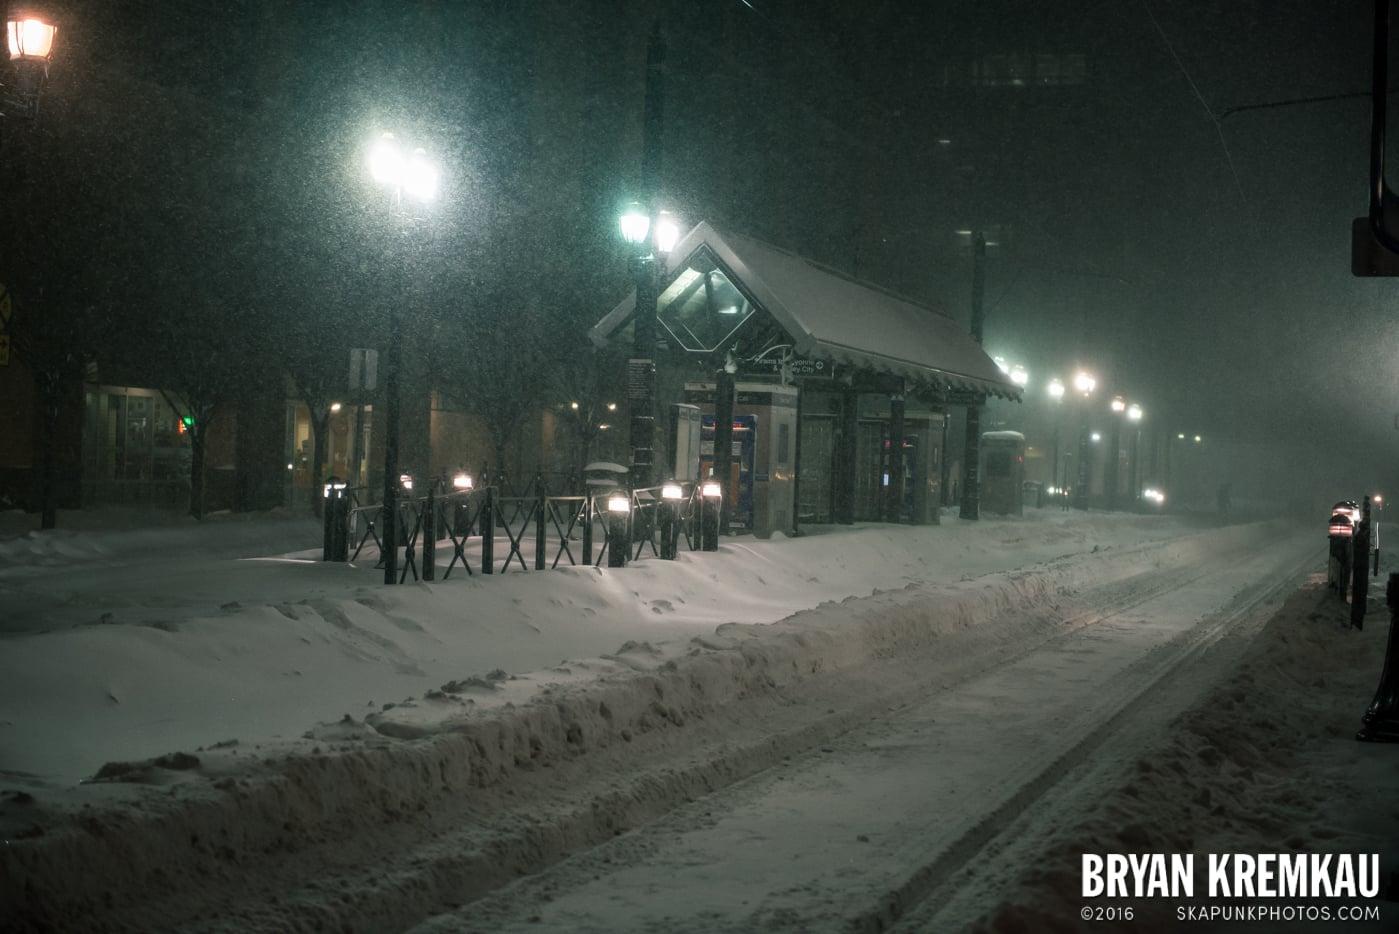 Blizzard 2016 in Jersey City, NJ - 1.23.16 (8)